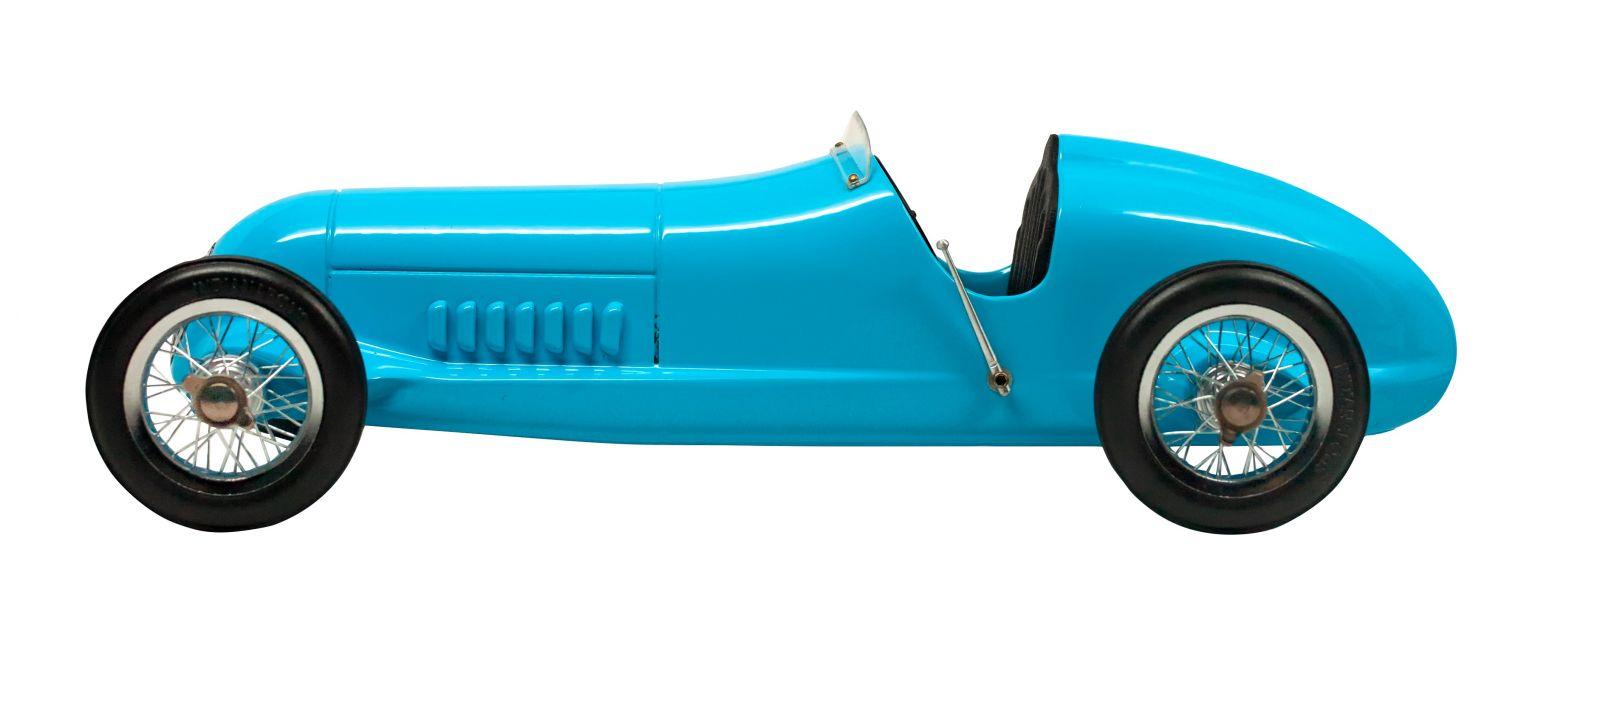 Blue Racer - desk model car